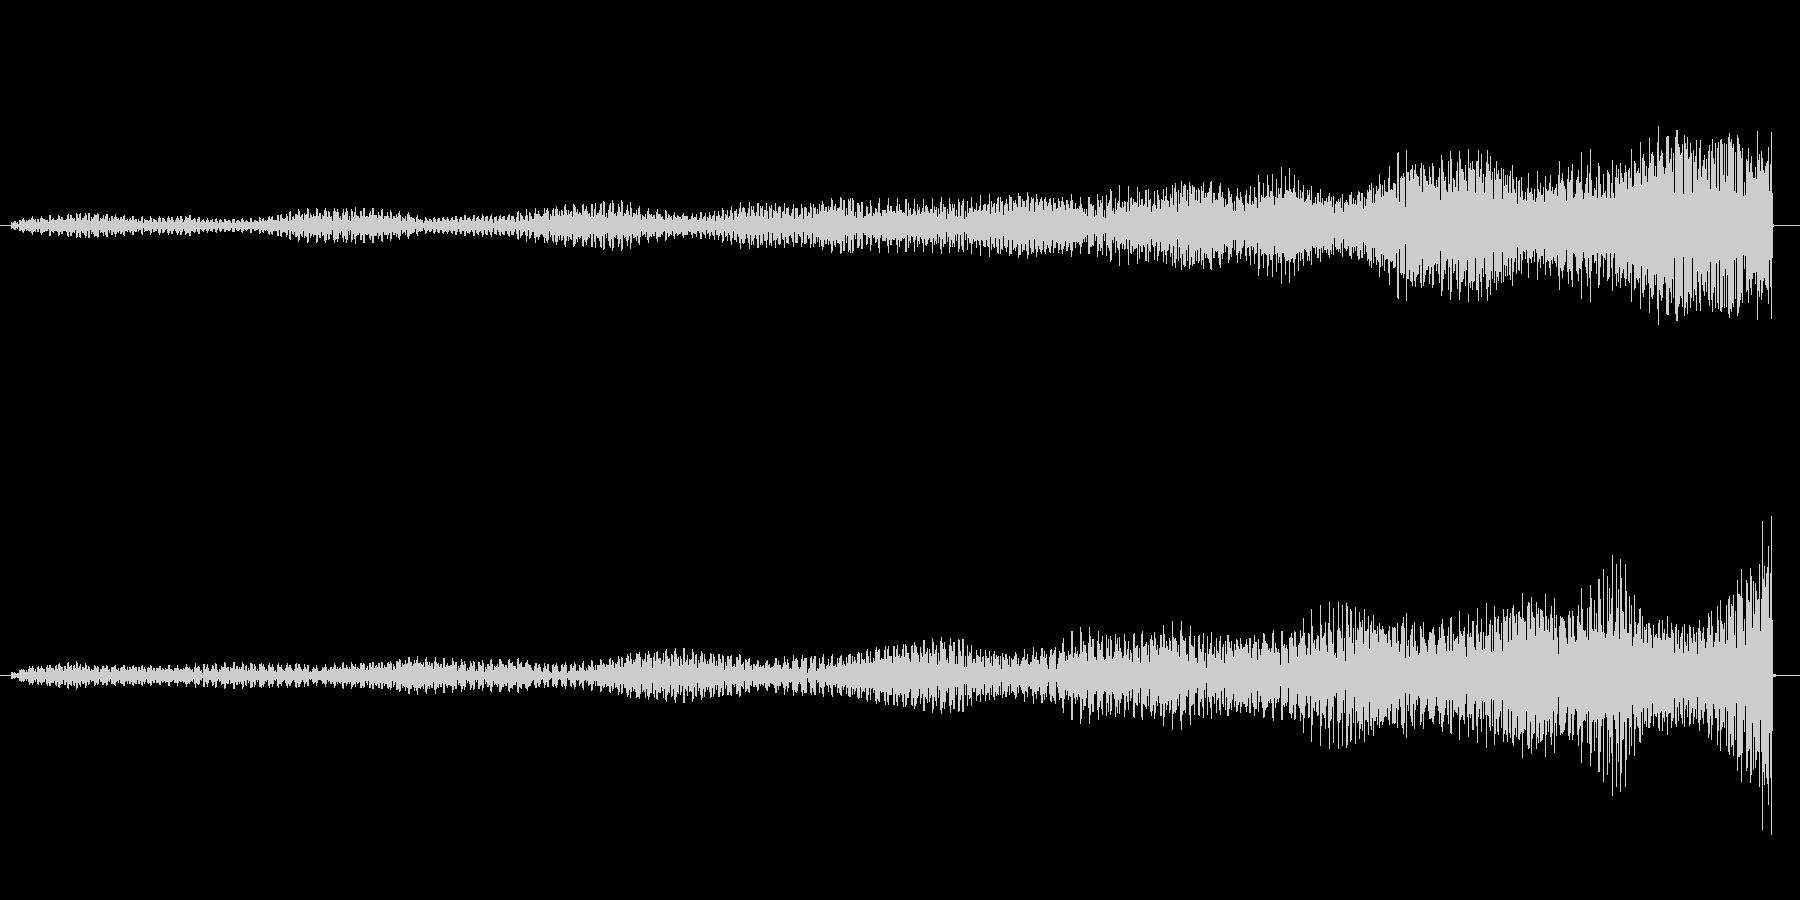 迫る音の未再生の波形